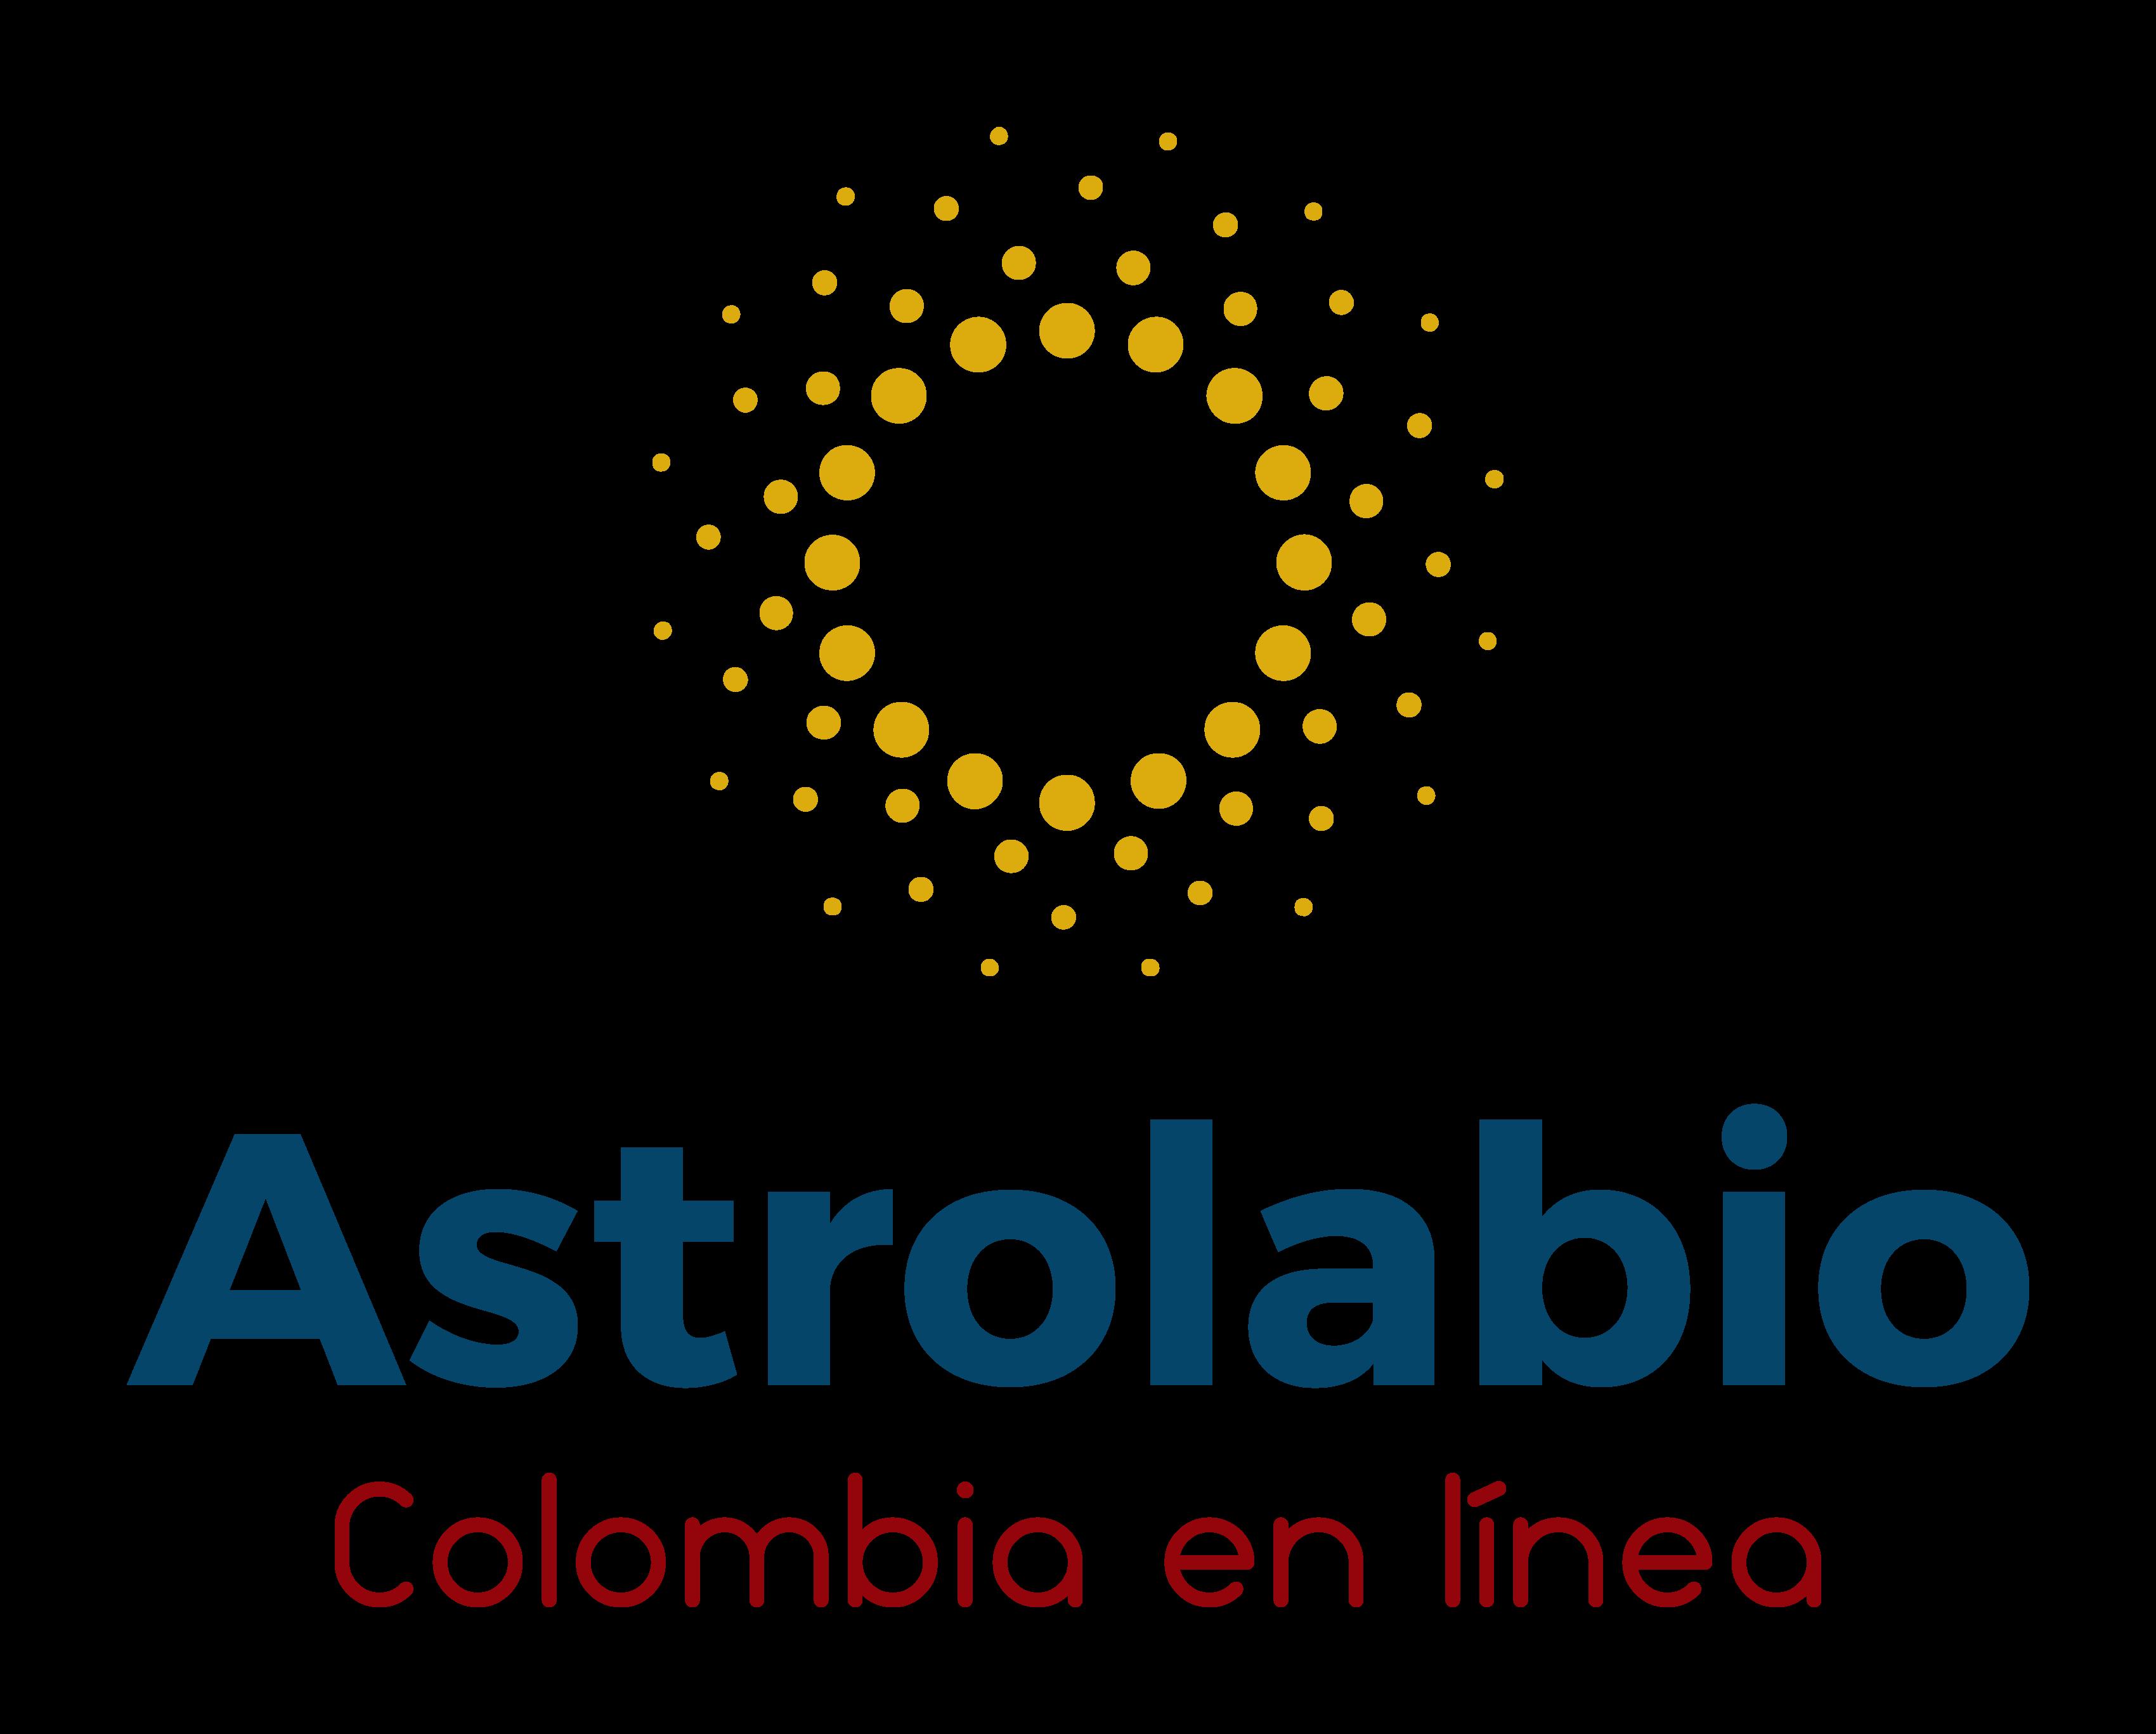 Astrolabio - Colombia en linea